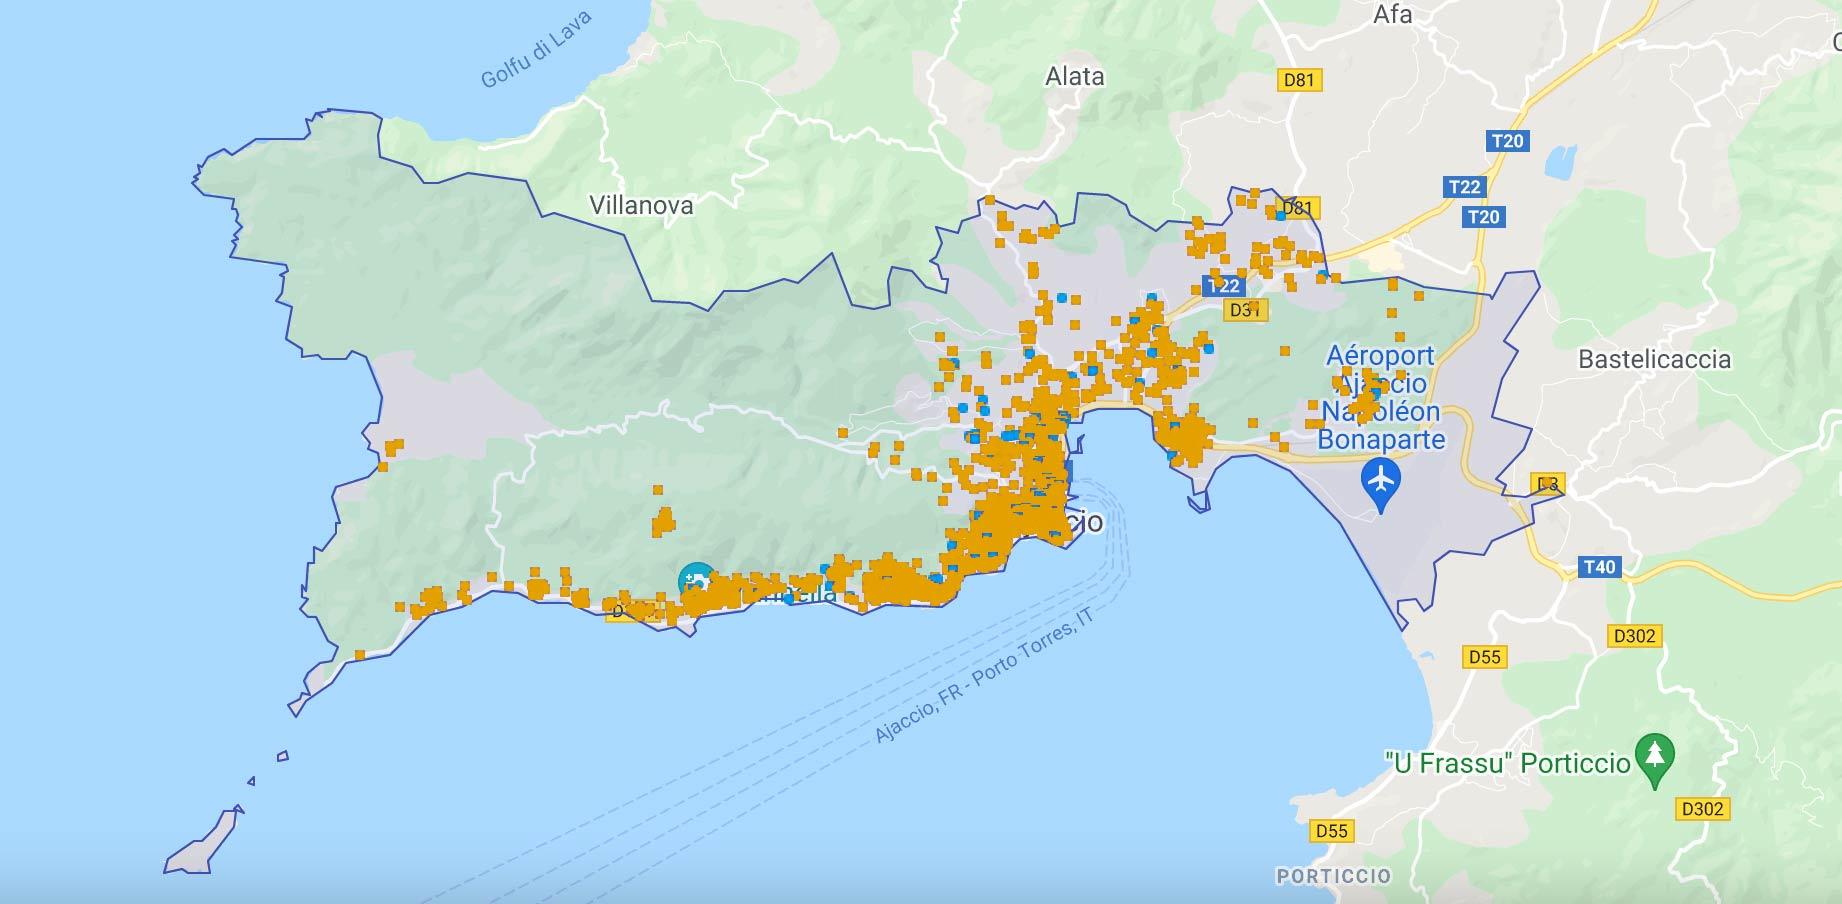 Localisation locations Airbnb Ajaccio